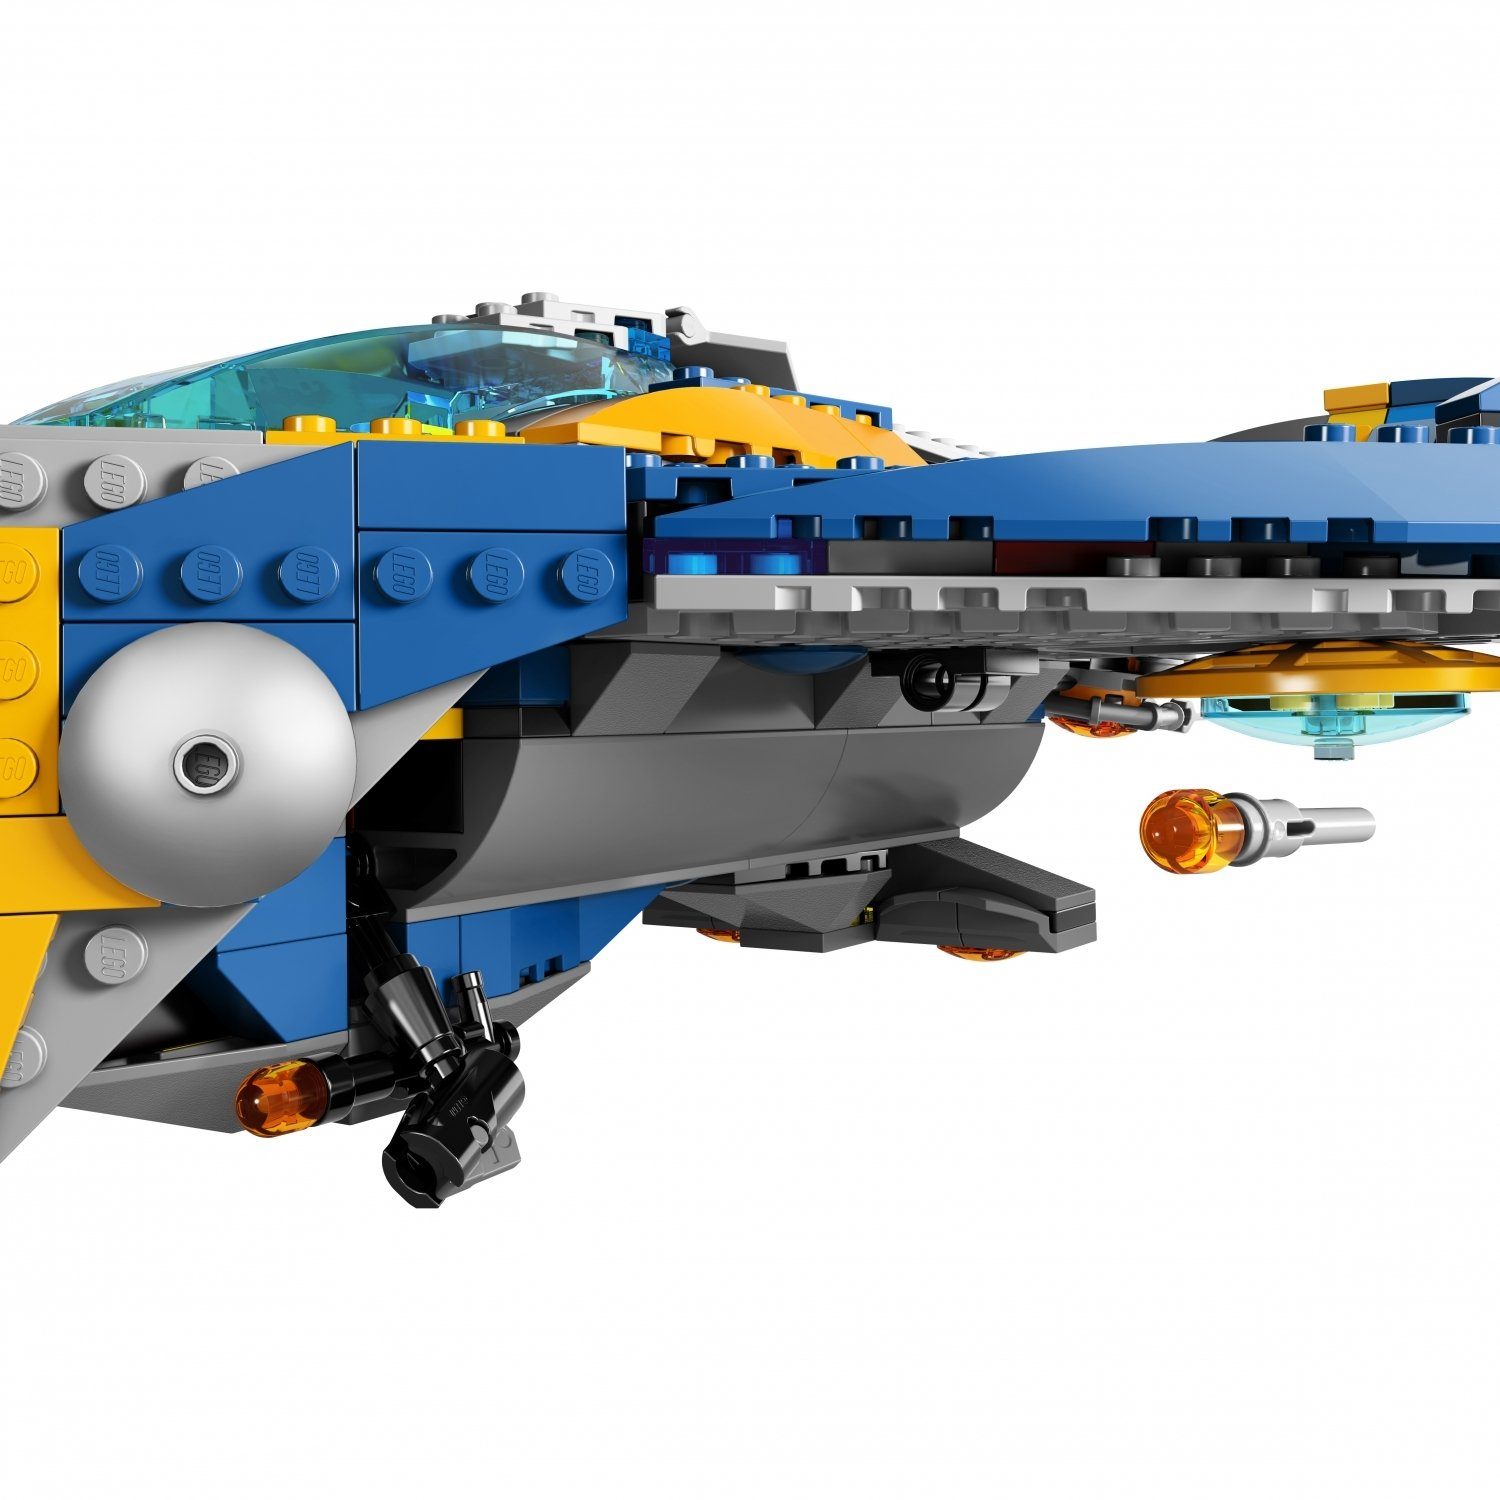 Конструктор Bl «Стражи Галактики: Спасение на космическом корабле» 10251 (Super Heroes 76021) / 665 деталей